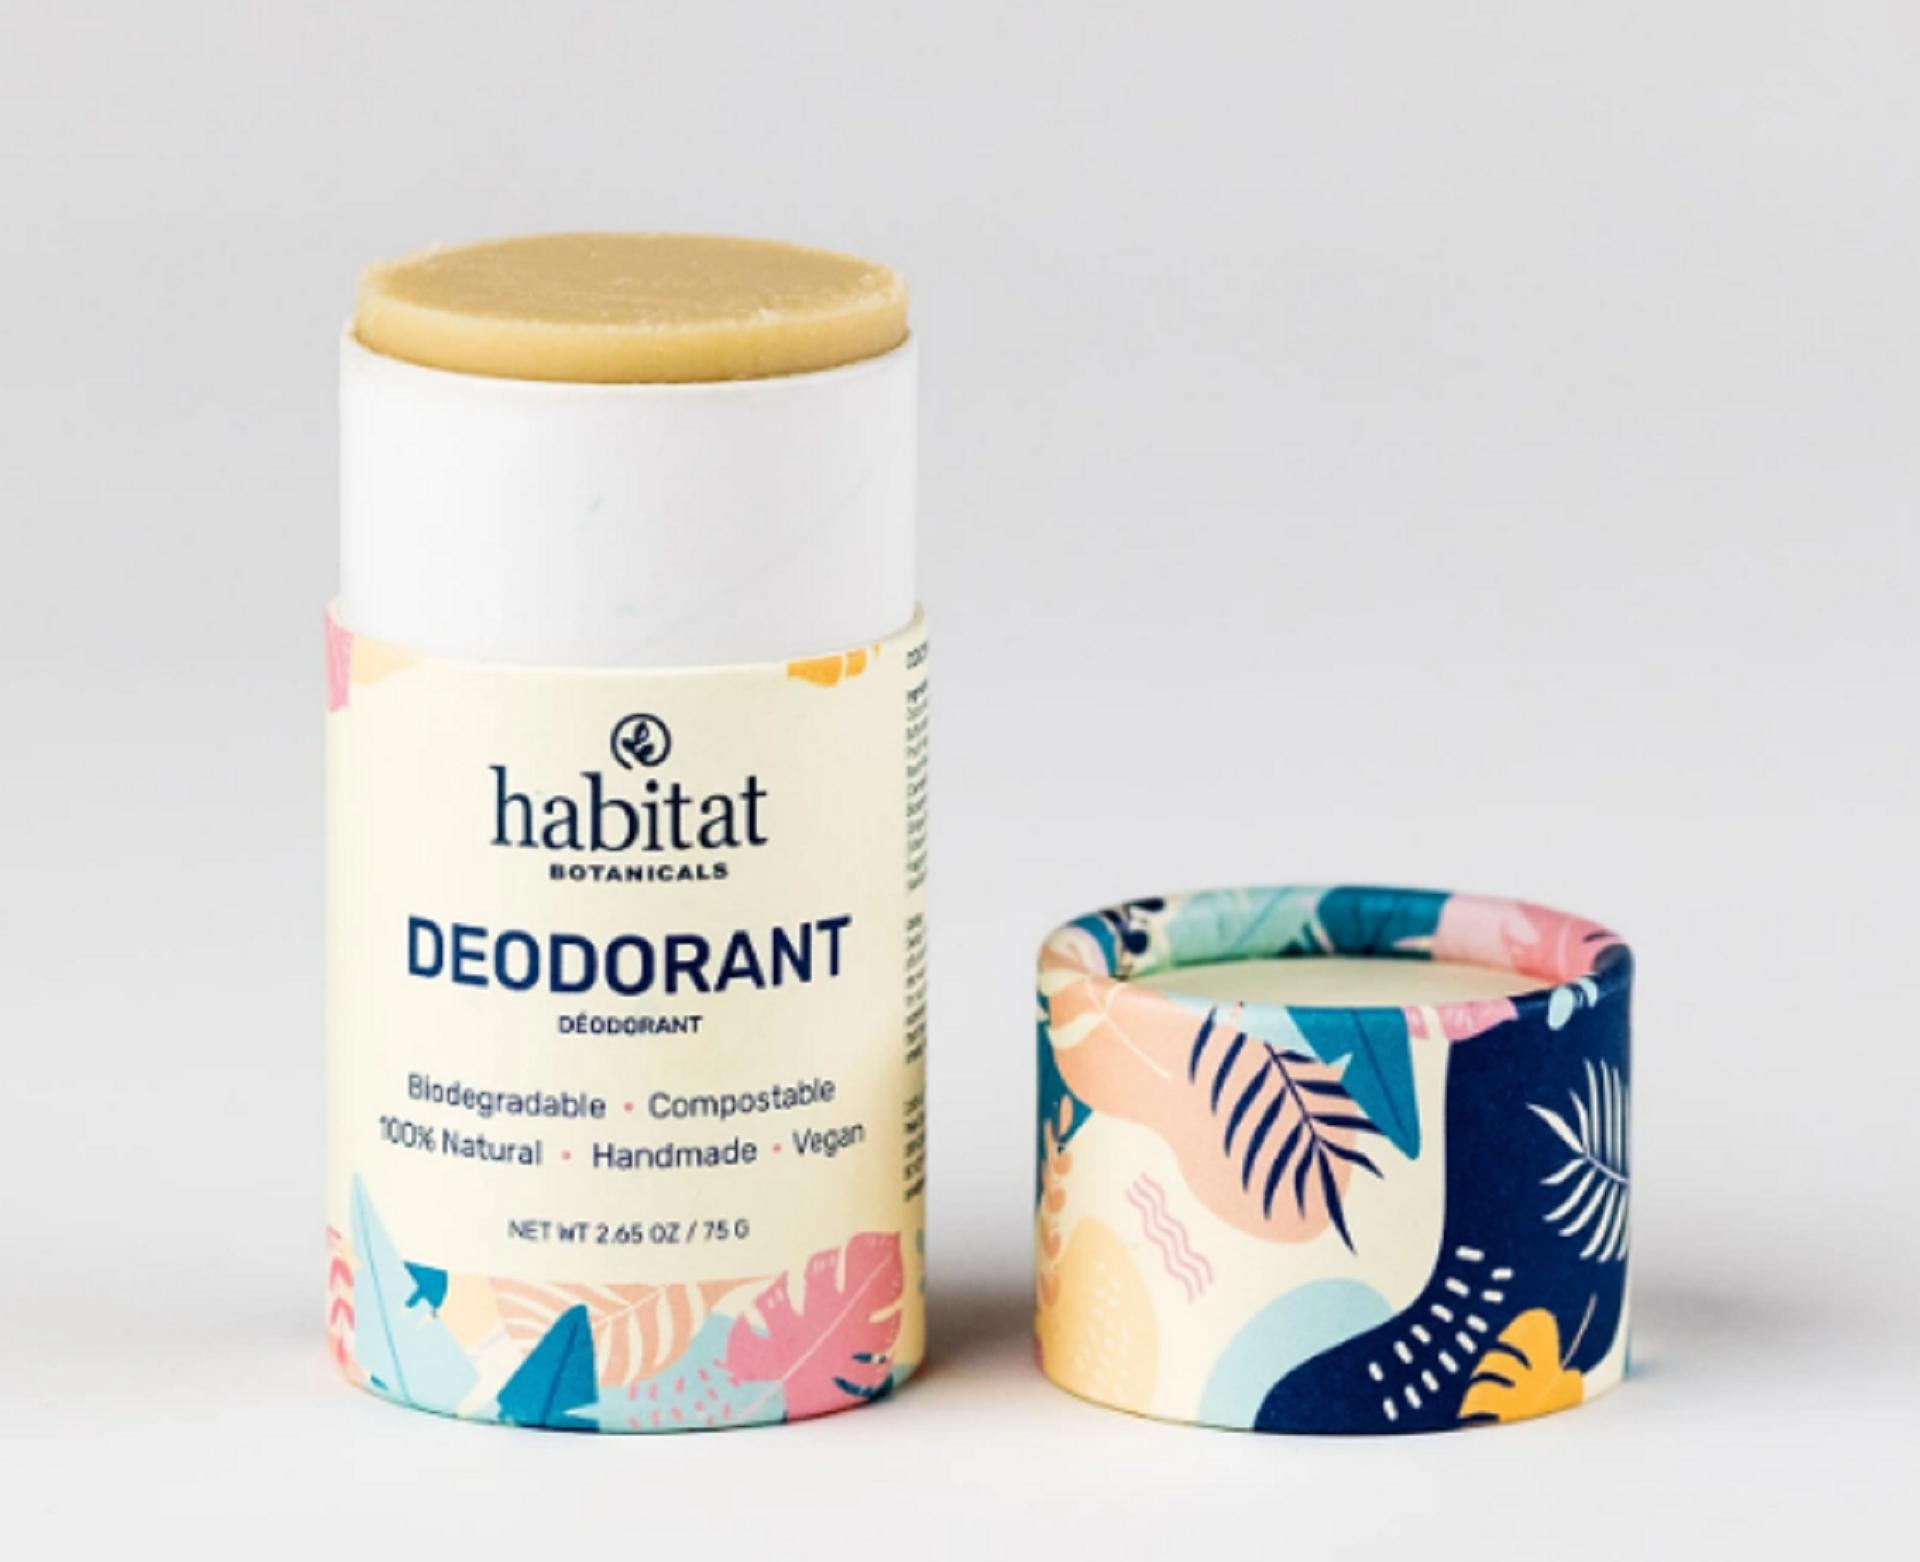 habitat botanicals deodorant